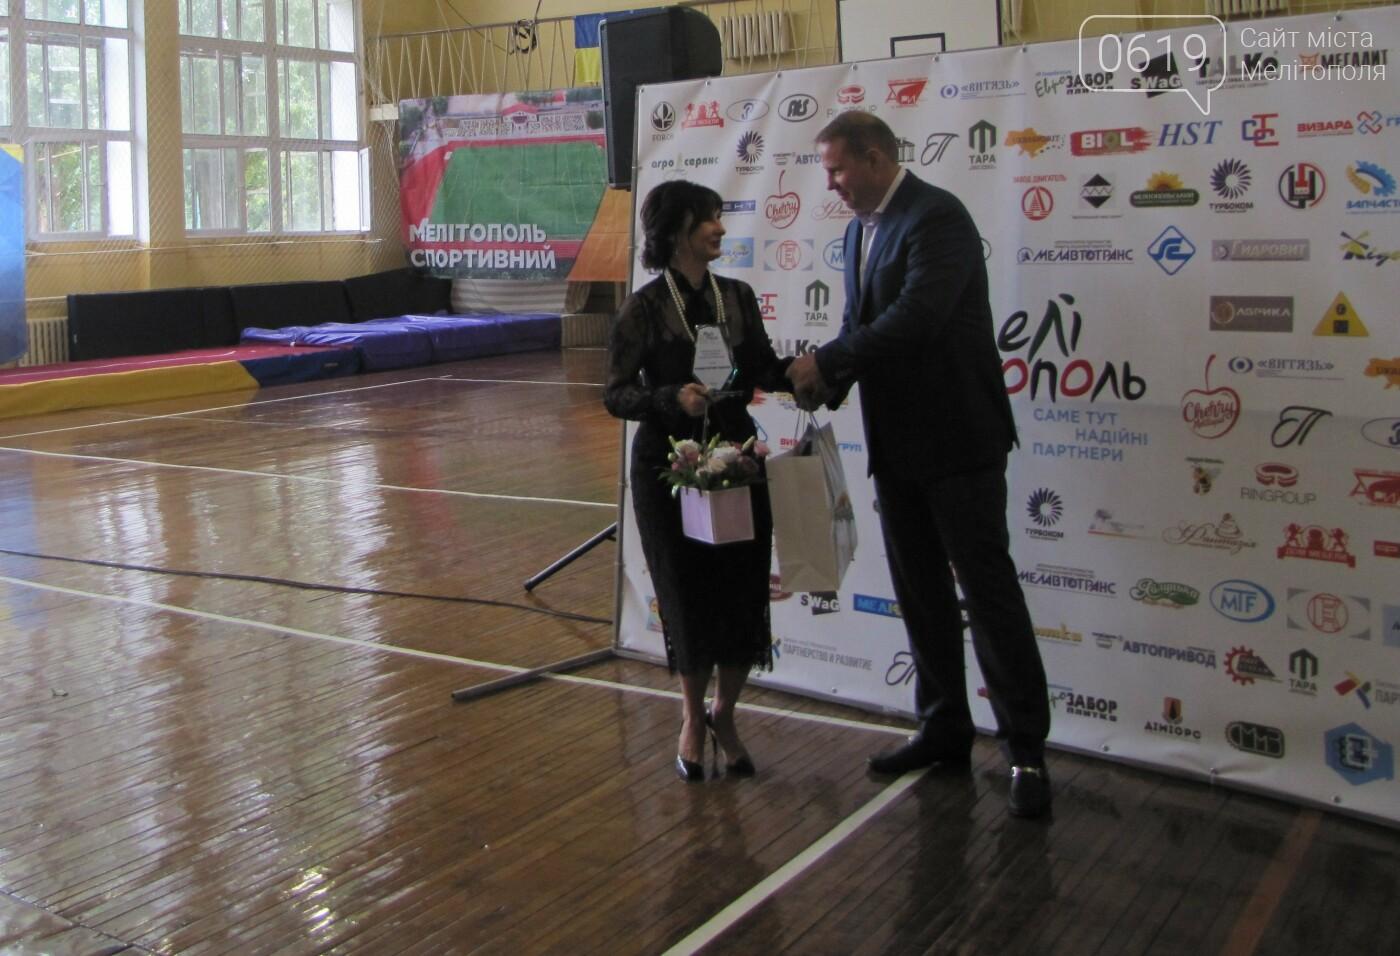 Мелитопольских предпринимателей поздравили с профессиональным праздником, фото-3